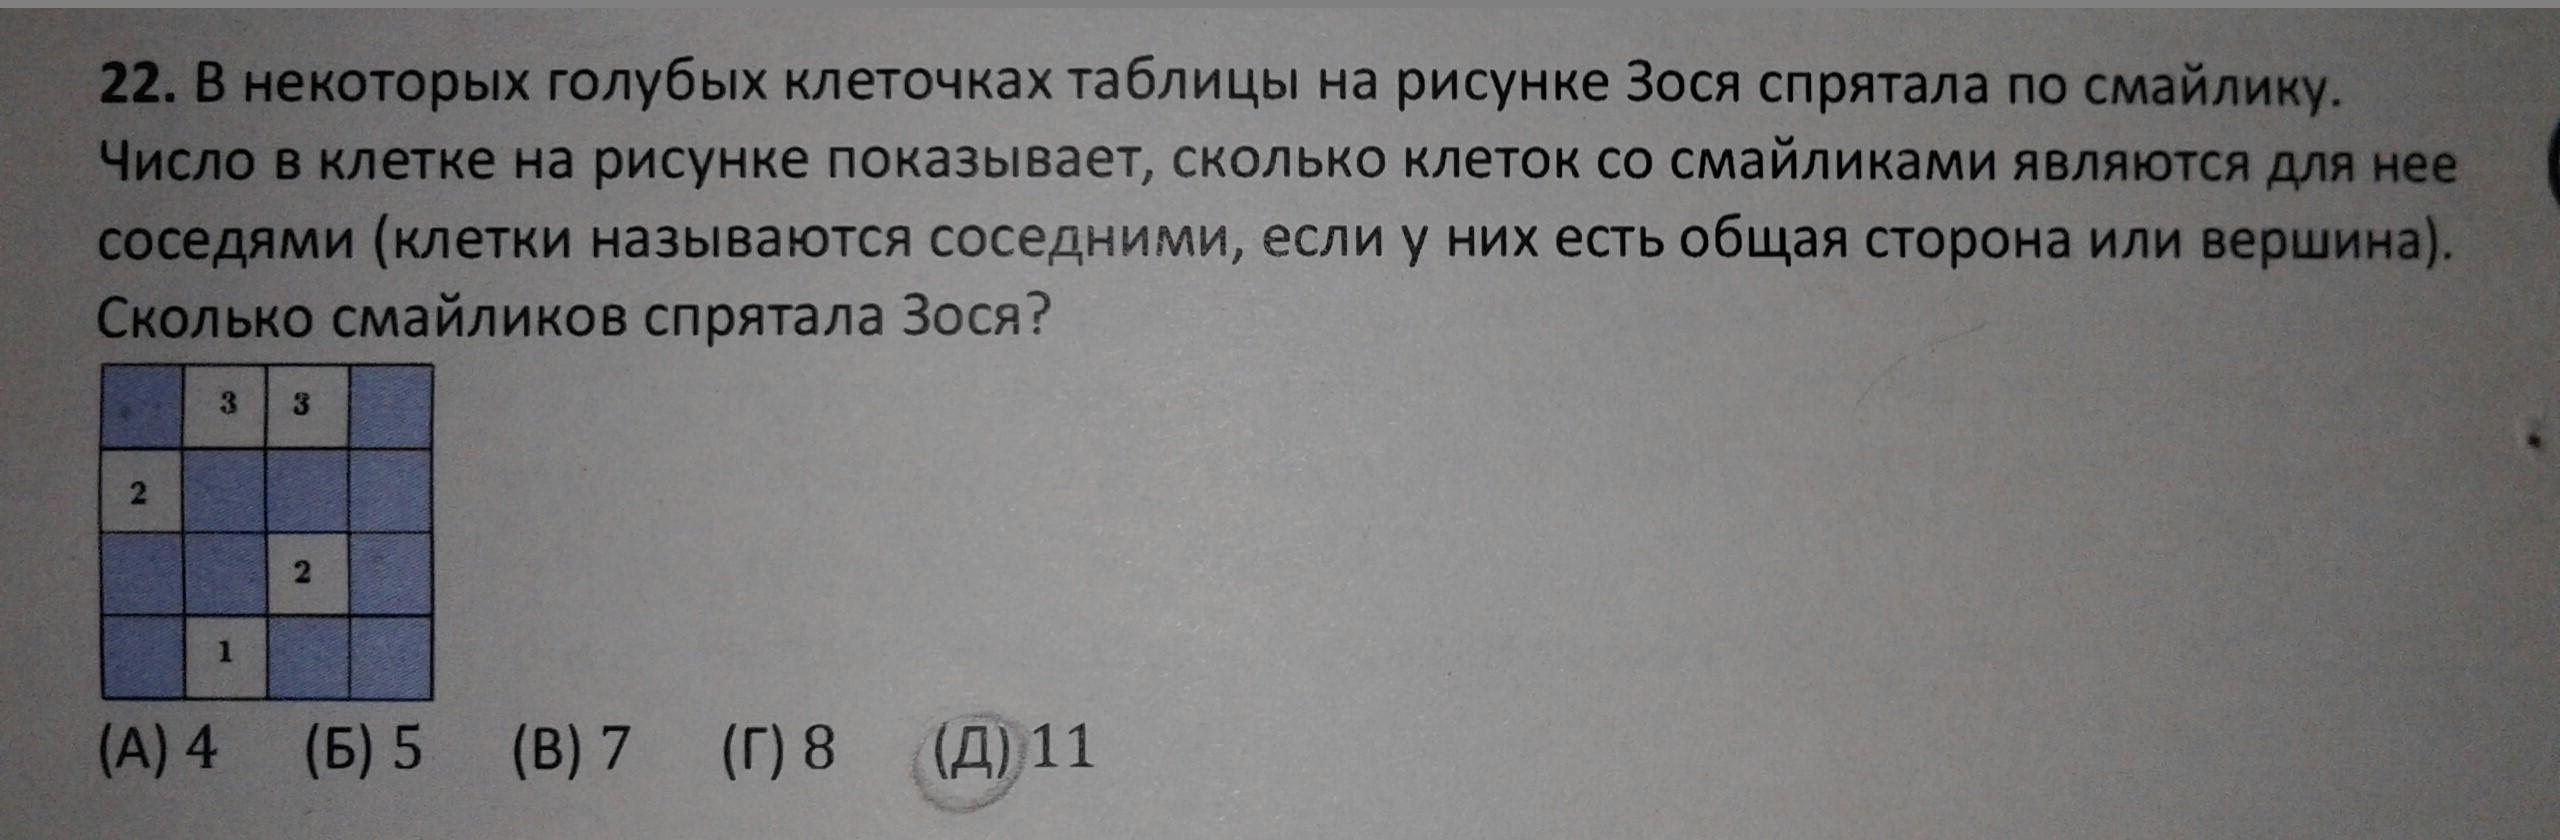 Тест по математике мой ответ11 хочу узнать правильно или нет?